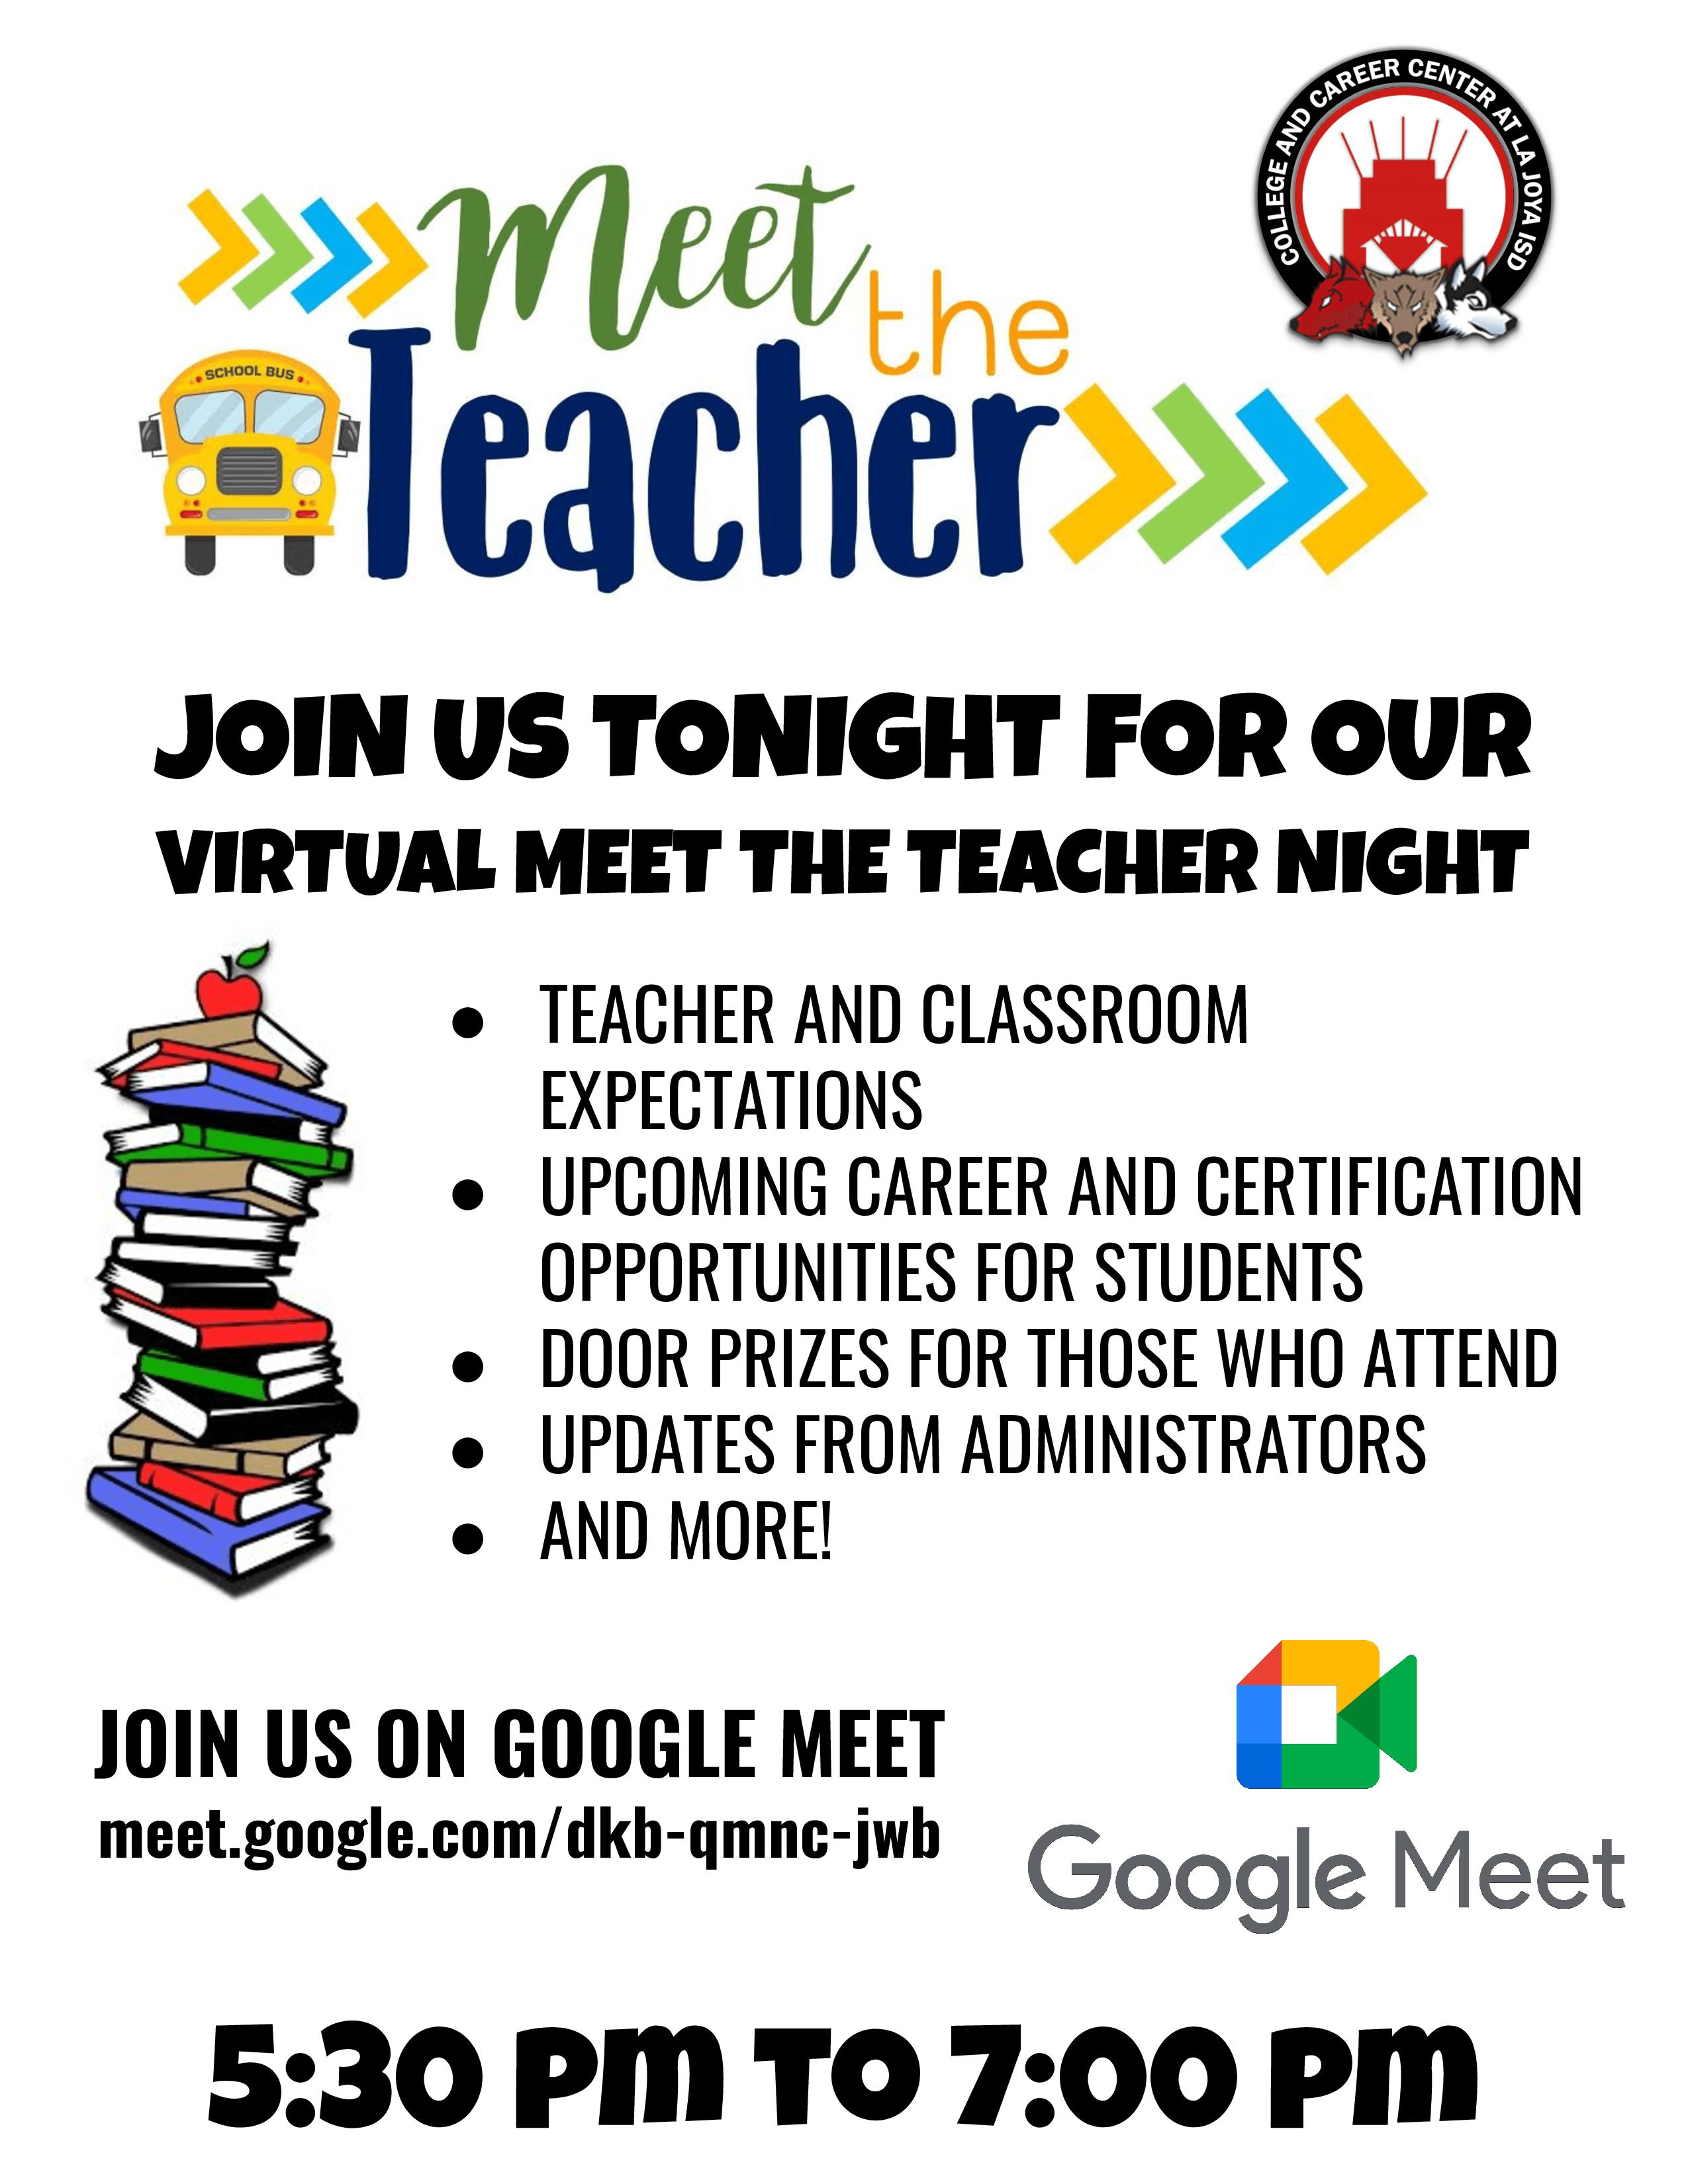 9/7/21 CCC Meet the teacher night Google Meet link meet.google.com/dkb-qmnc-jwb